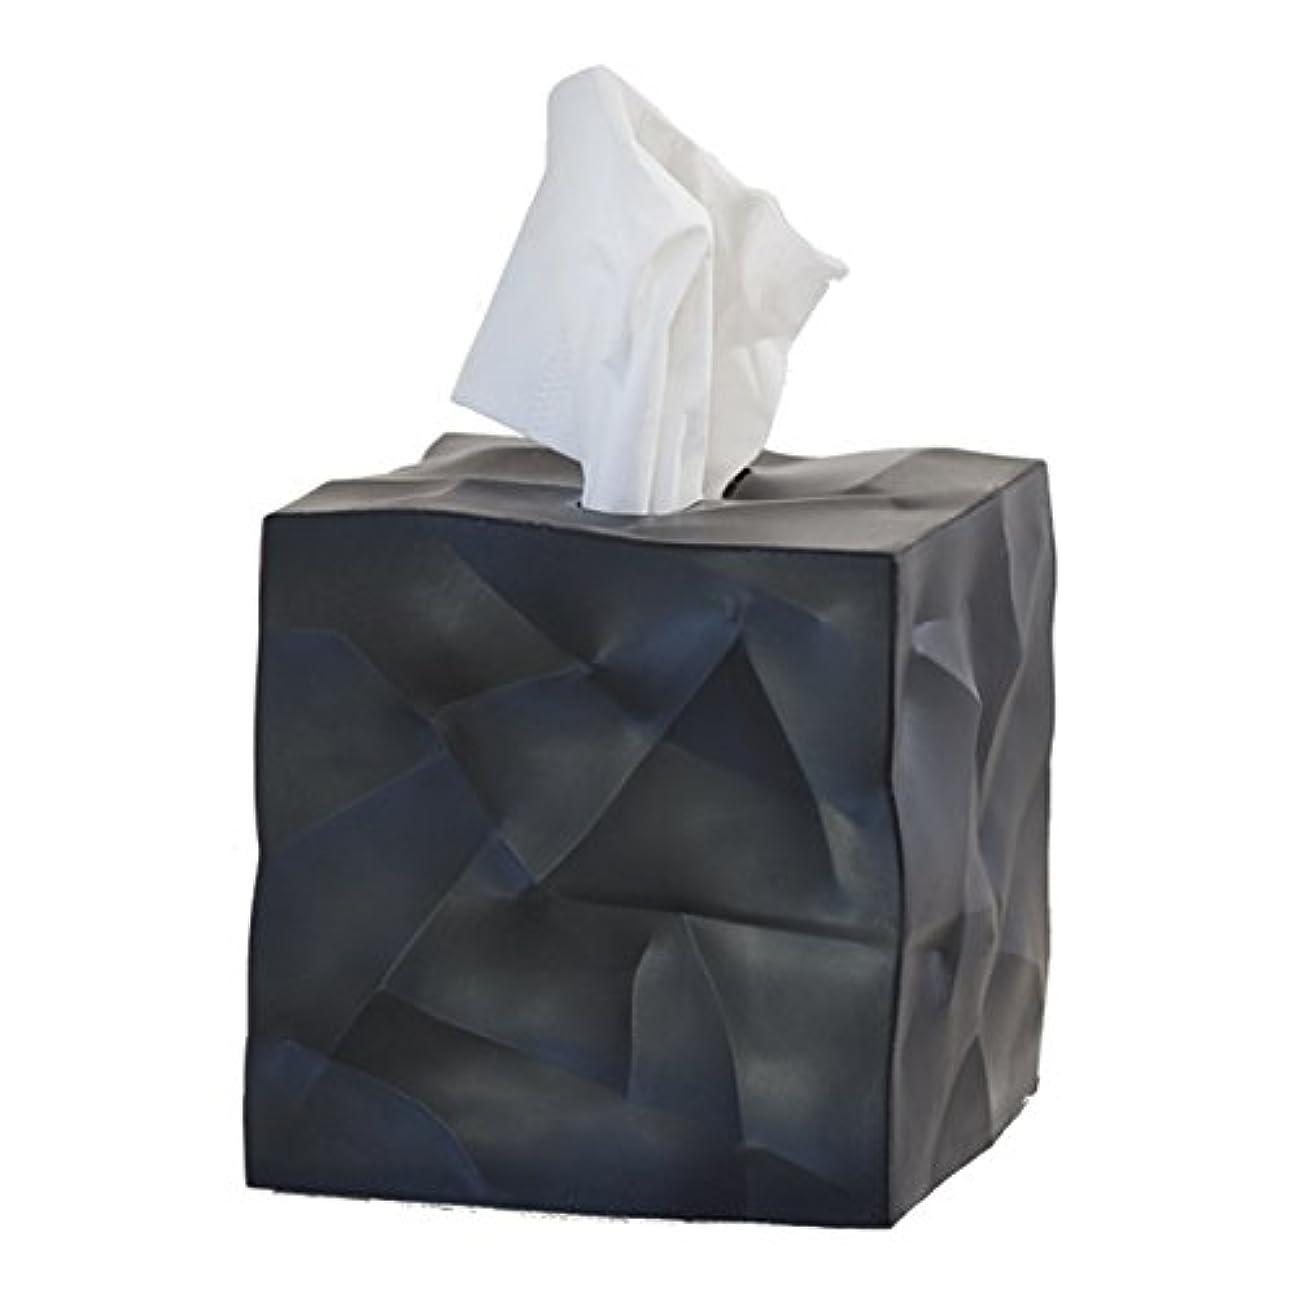 漂流興奮する本質的にessey Wipy Cube ティッシュボックスカバー (ブラック)